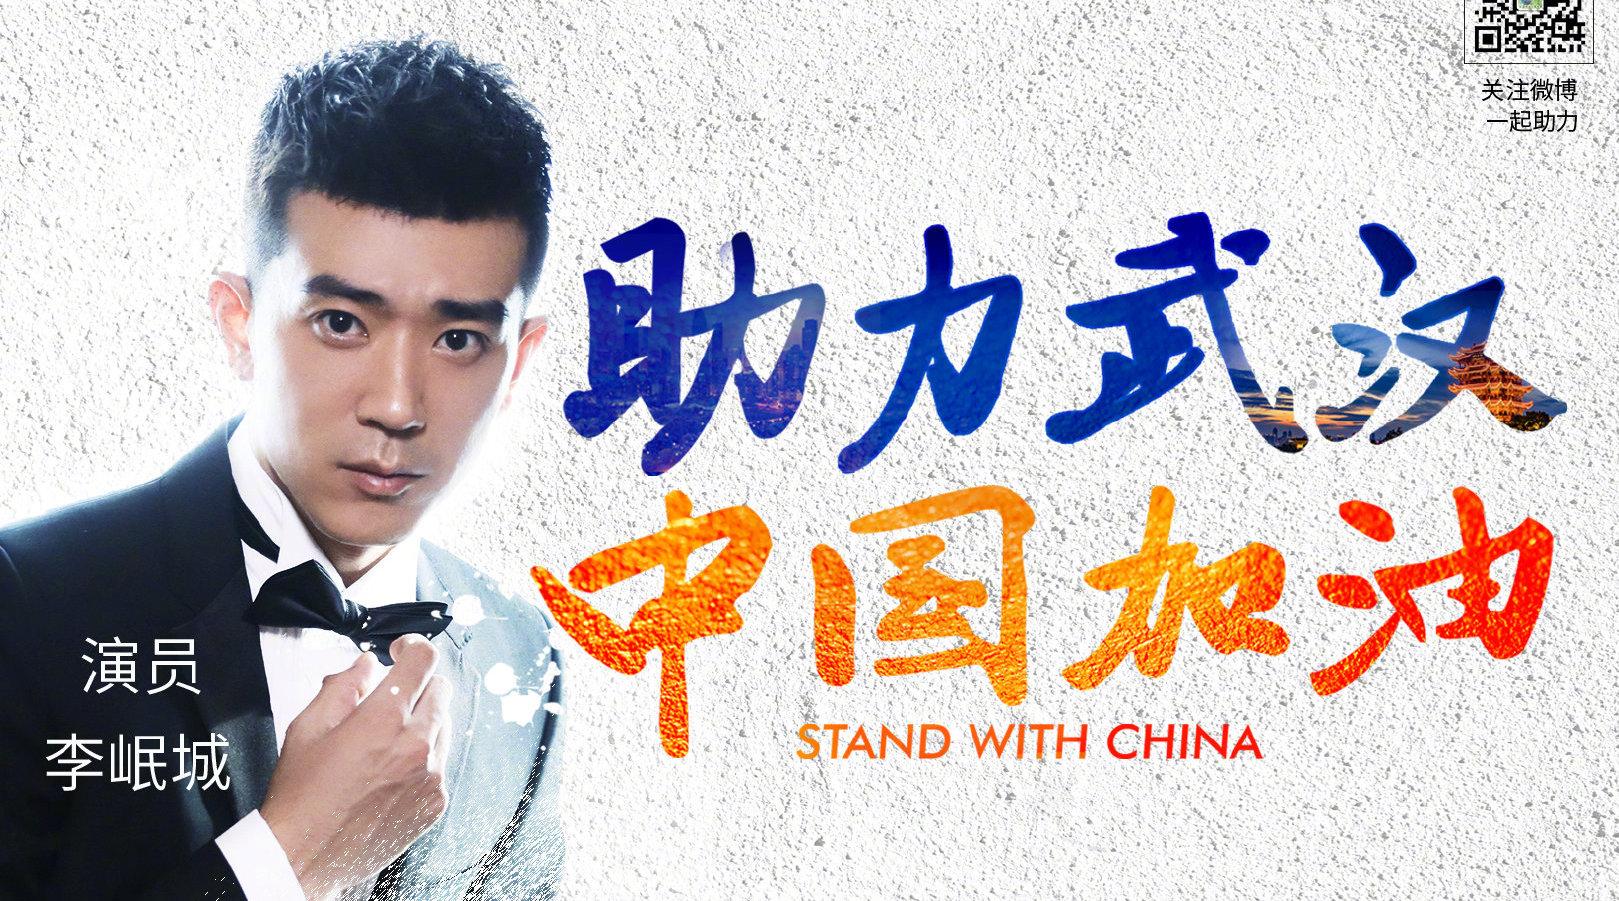 李岷城和 我们一起@Mr__小李子 对我们自己负责,对家人和朋友负责